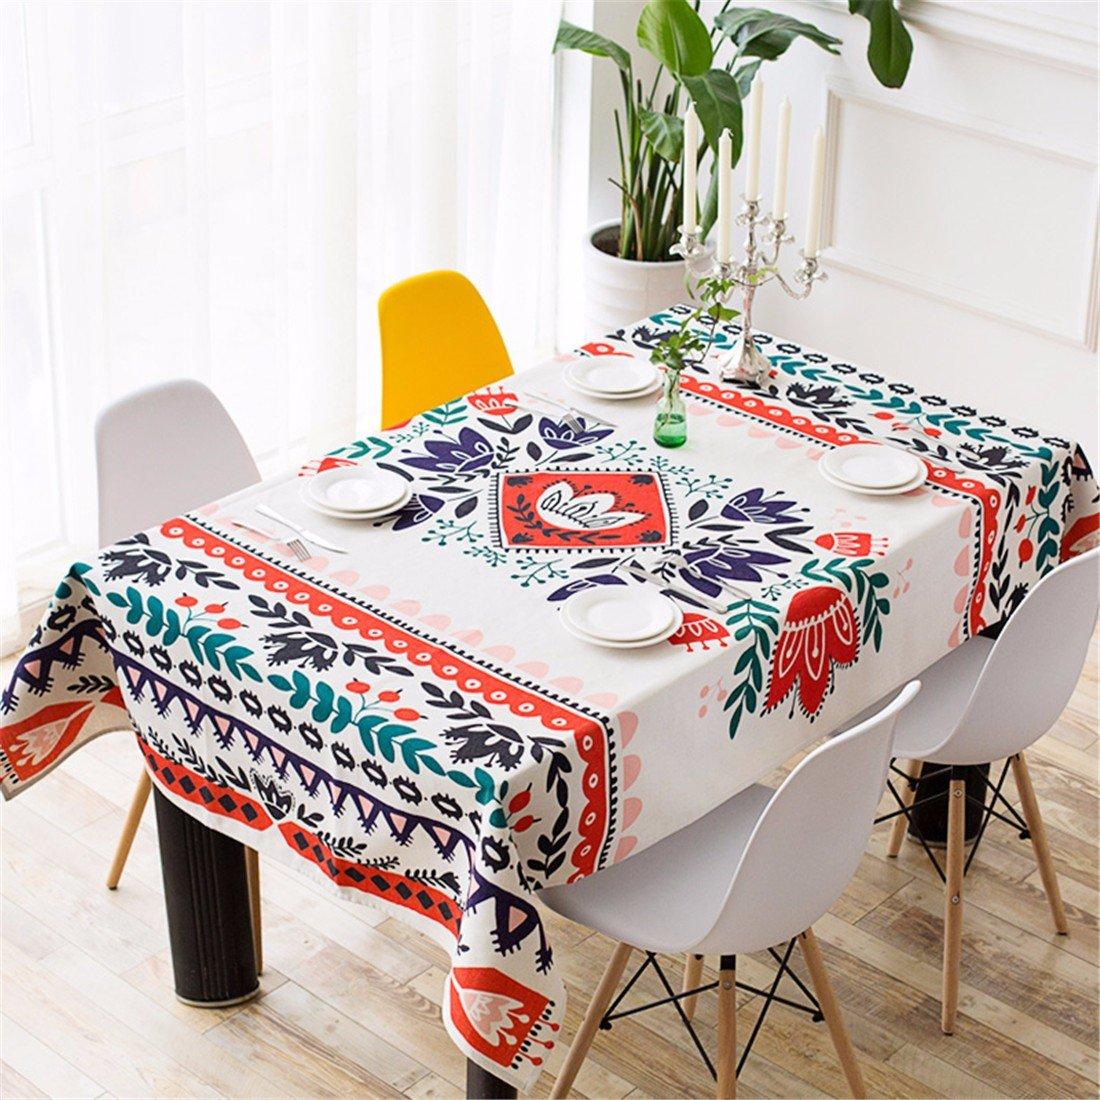 HXC Home beige rot Blaumen blatt Aztekisch Geblümt Tischdecken Baumwolle leinen Esstisch Rezeption rechteckigen Square nicht bügeln umweltfreundlich Tischtuch B073P8Z8SZ TischdeckenSpielzeugwelt, glücklich und grenzenlos | Qualität Produkt